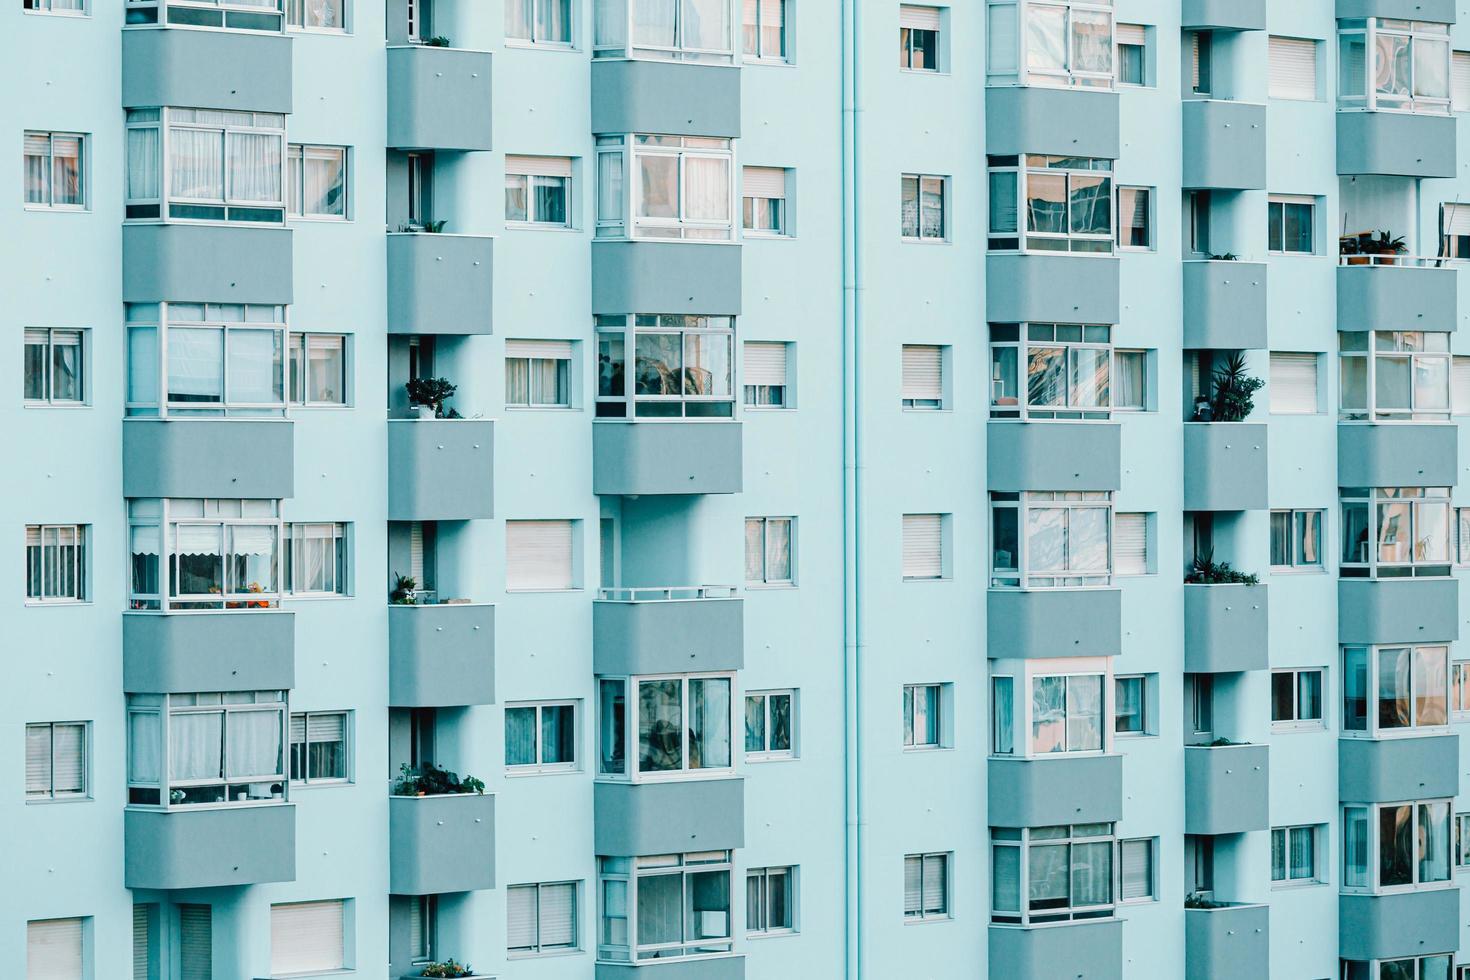 un primo piano di un edificio ripetitivo sui toni del blu foto